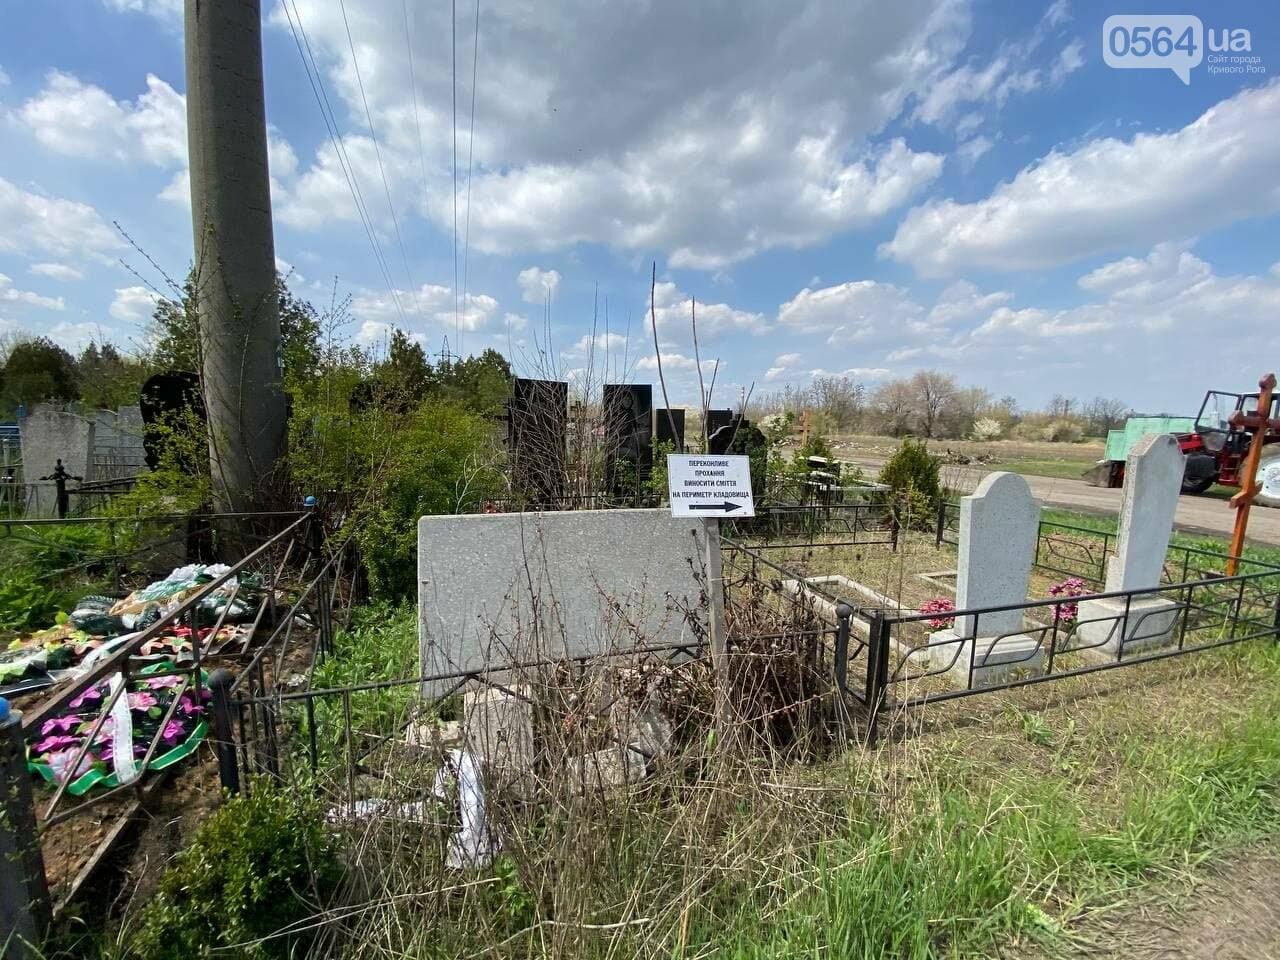 На криворожских кладбищах накануне поминальных дней в усиленном режиме работает спецтехника, - ФОТО, ВИДЕО , фото-22